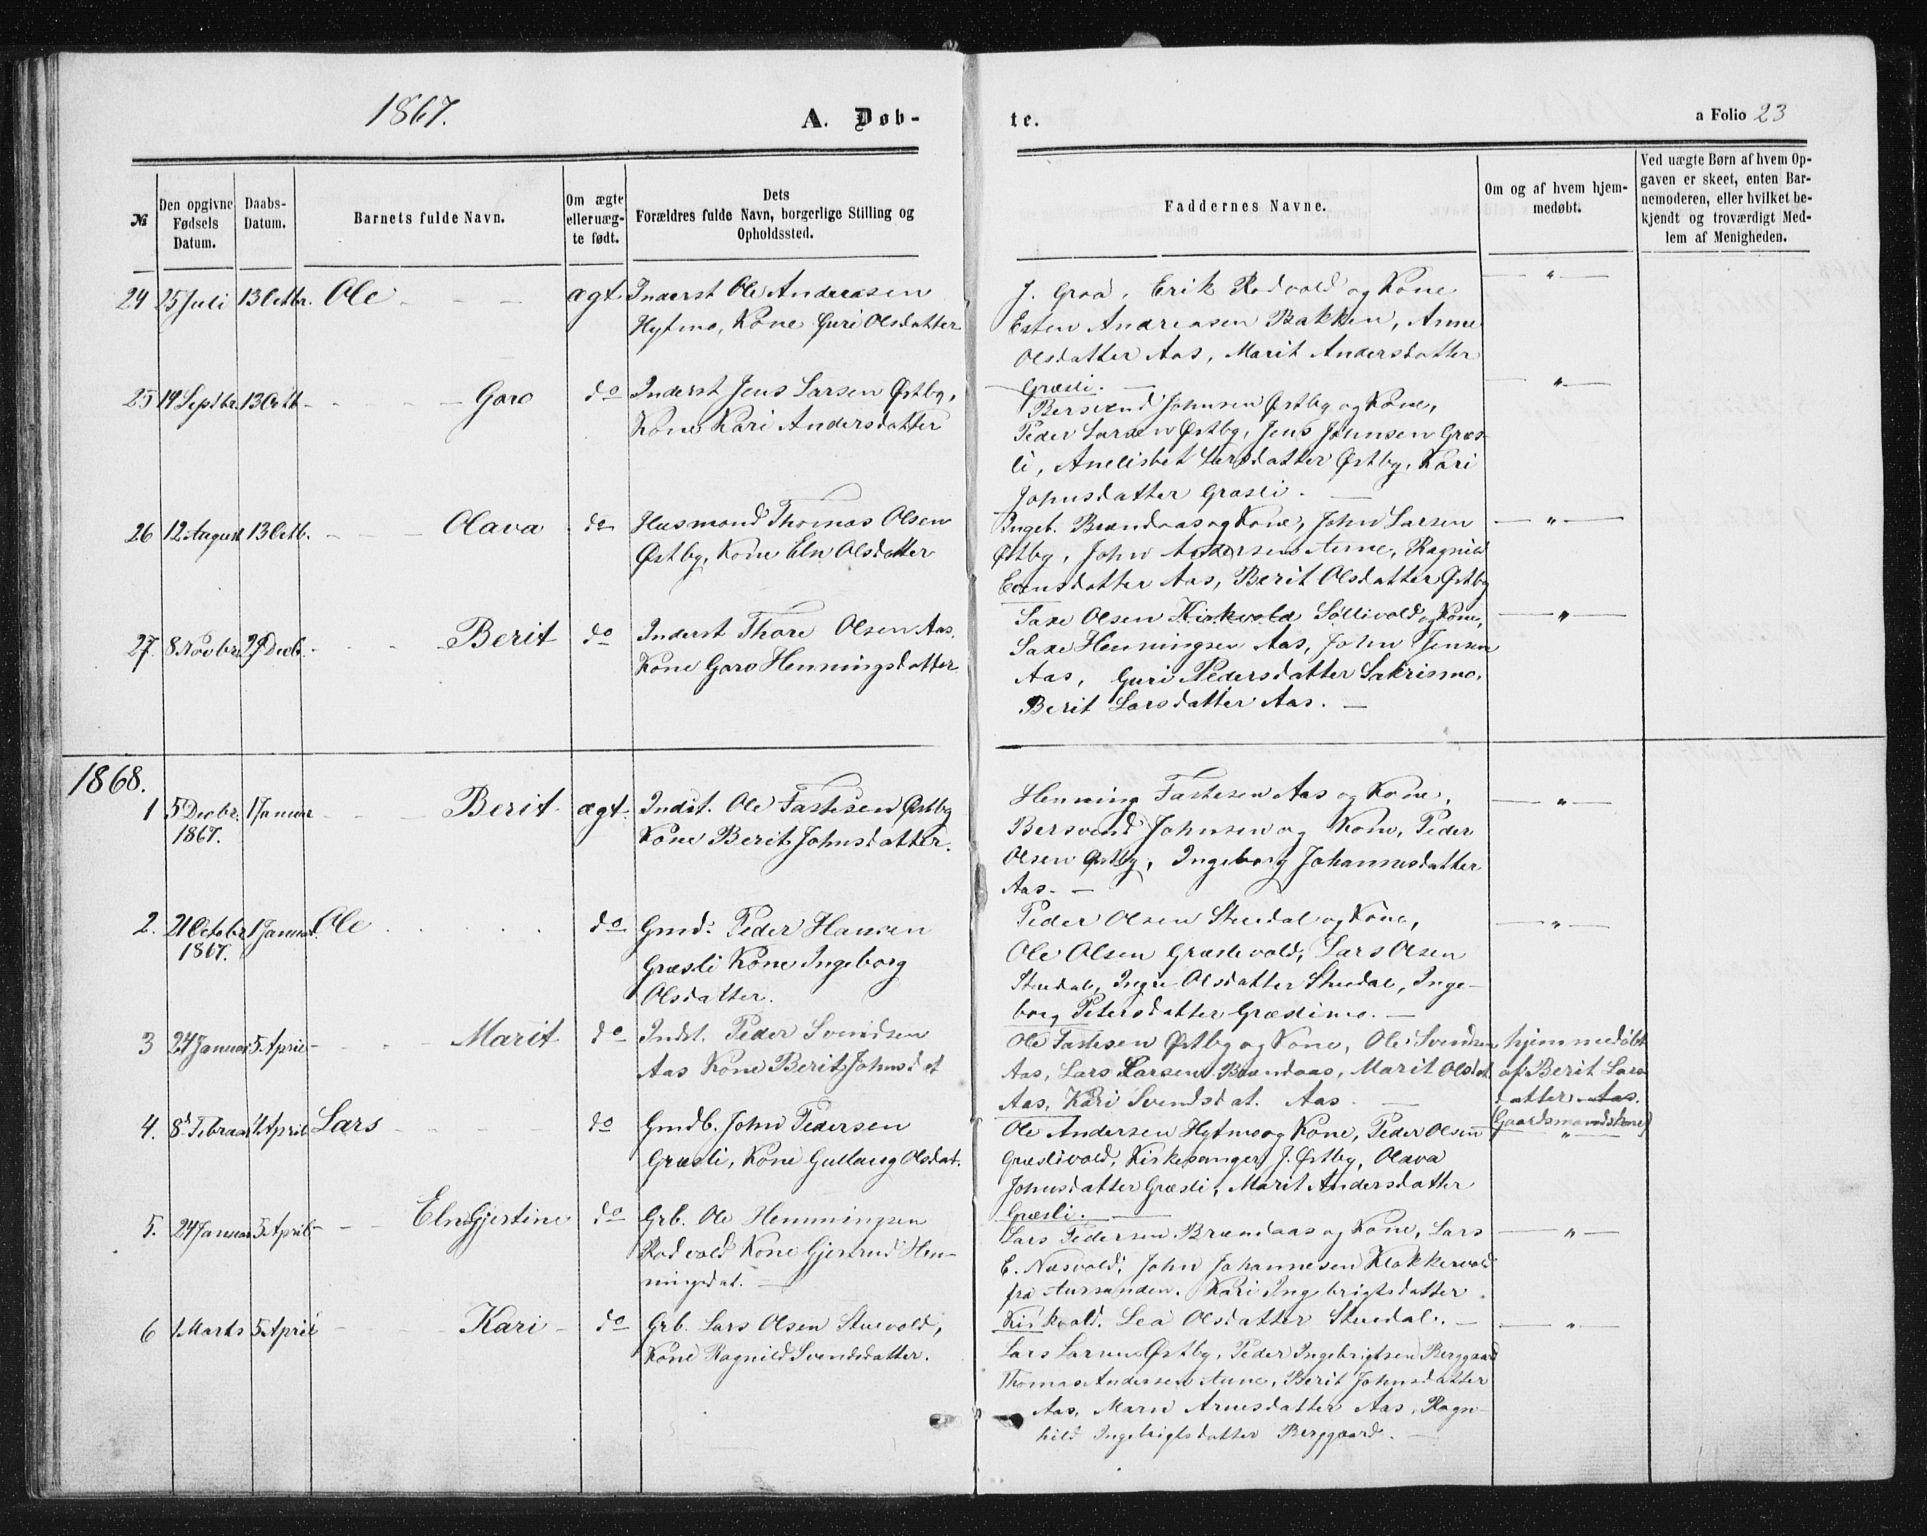 SAT, Ministerialprotokoller, klokkerbøker og fødselsregistre - Sør-Trøndelag, 698/L1166: Klokkerbok nr. 698C03, 1861-1887, s. 23